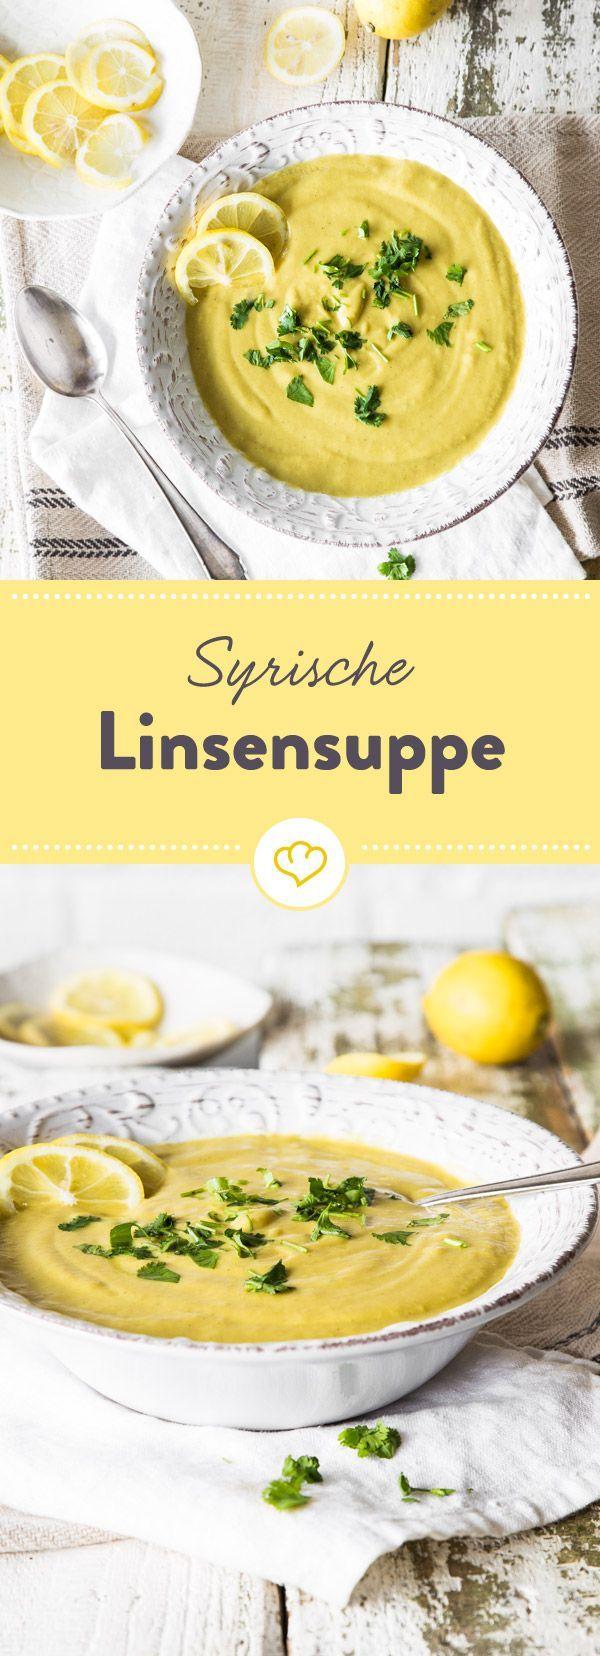 Ein Spritzer Zitrone, Kreuzkümmel und rote Linsen landen mit vielen anderen, guten Zutaten im Suppentopf. Der besondere Clou: Haferflocken.